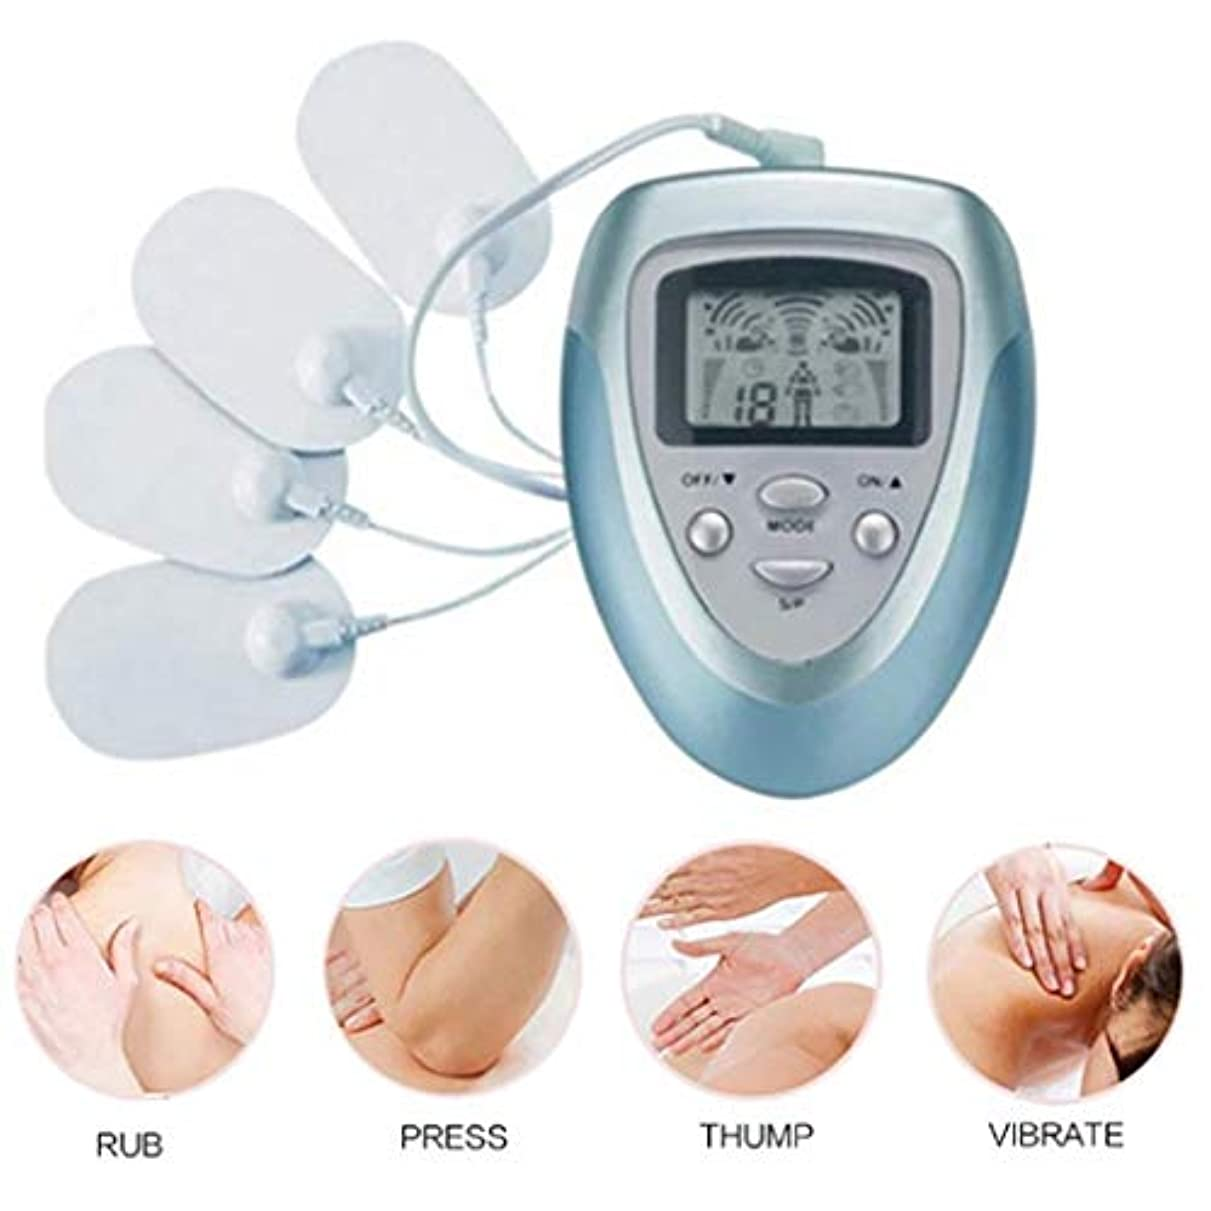 言い直すオレンジ二週間電気マッサージ器、電子パルスマッサージ器、EMS刺激、ボディリラクゼーション筋肉、パルス+鍼灸マッサージ、痛みを軽減します